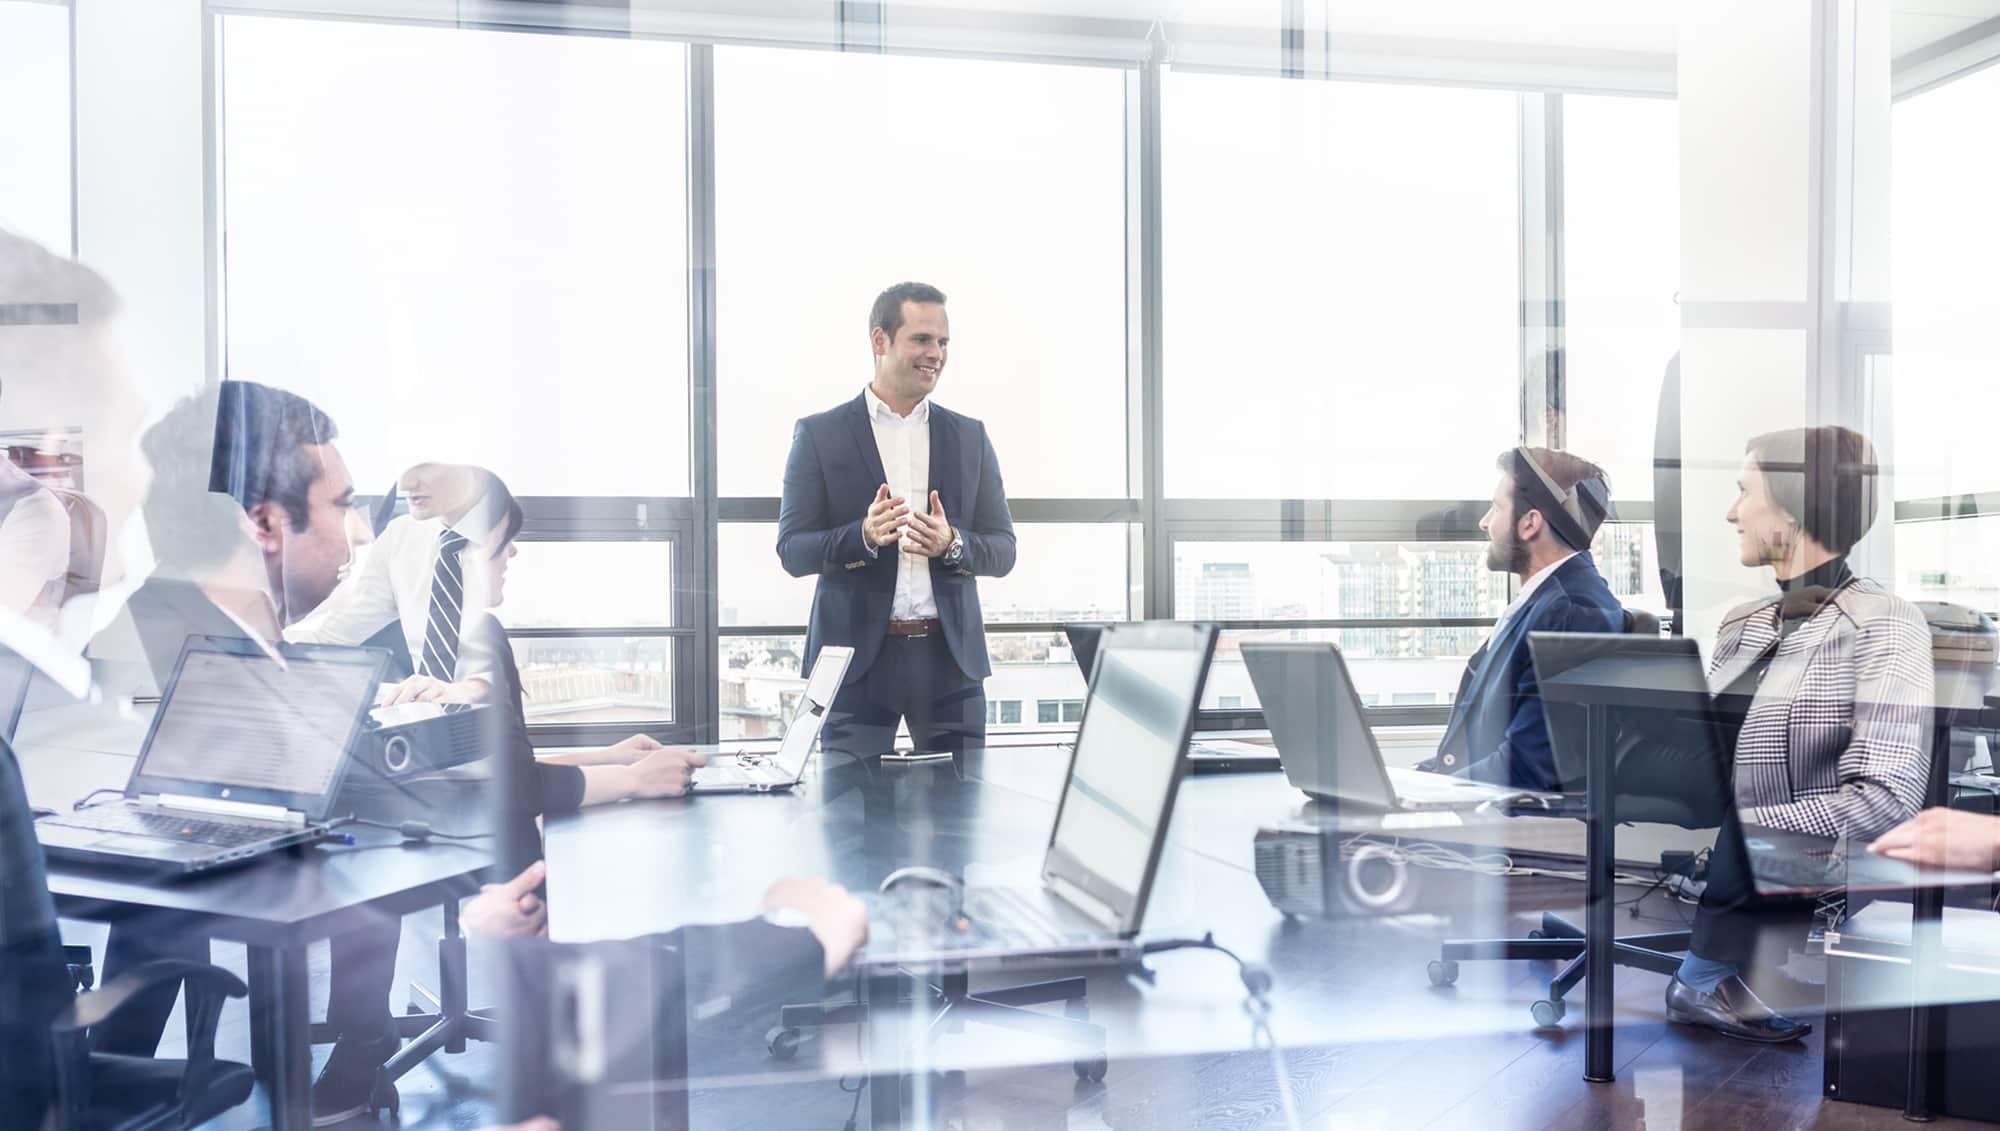 Liderazgo efectivo como gestionar las conversaciones dificiles